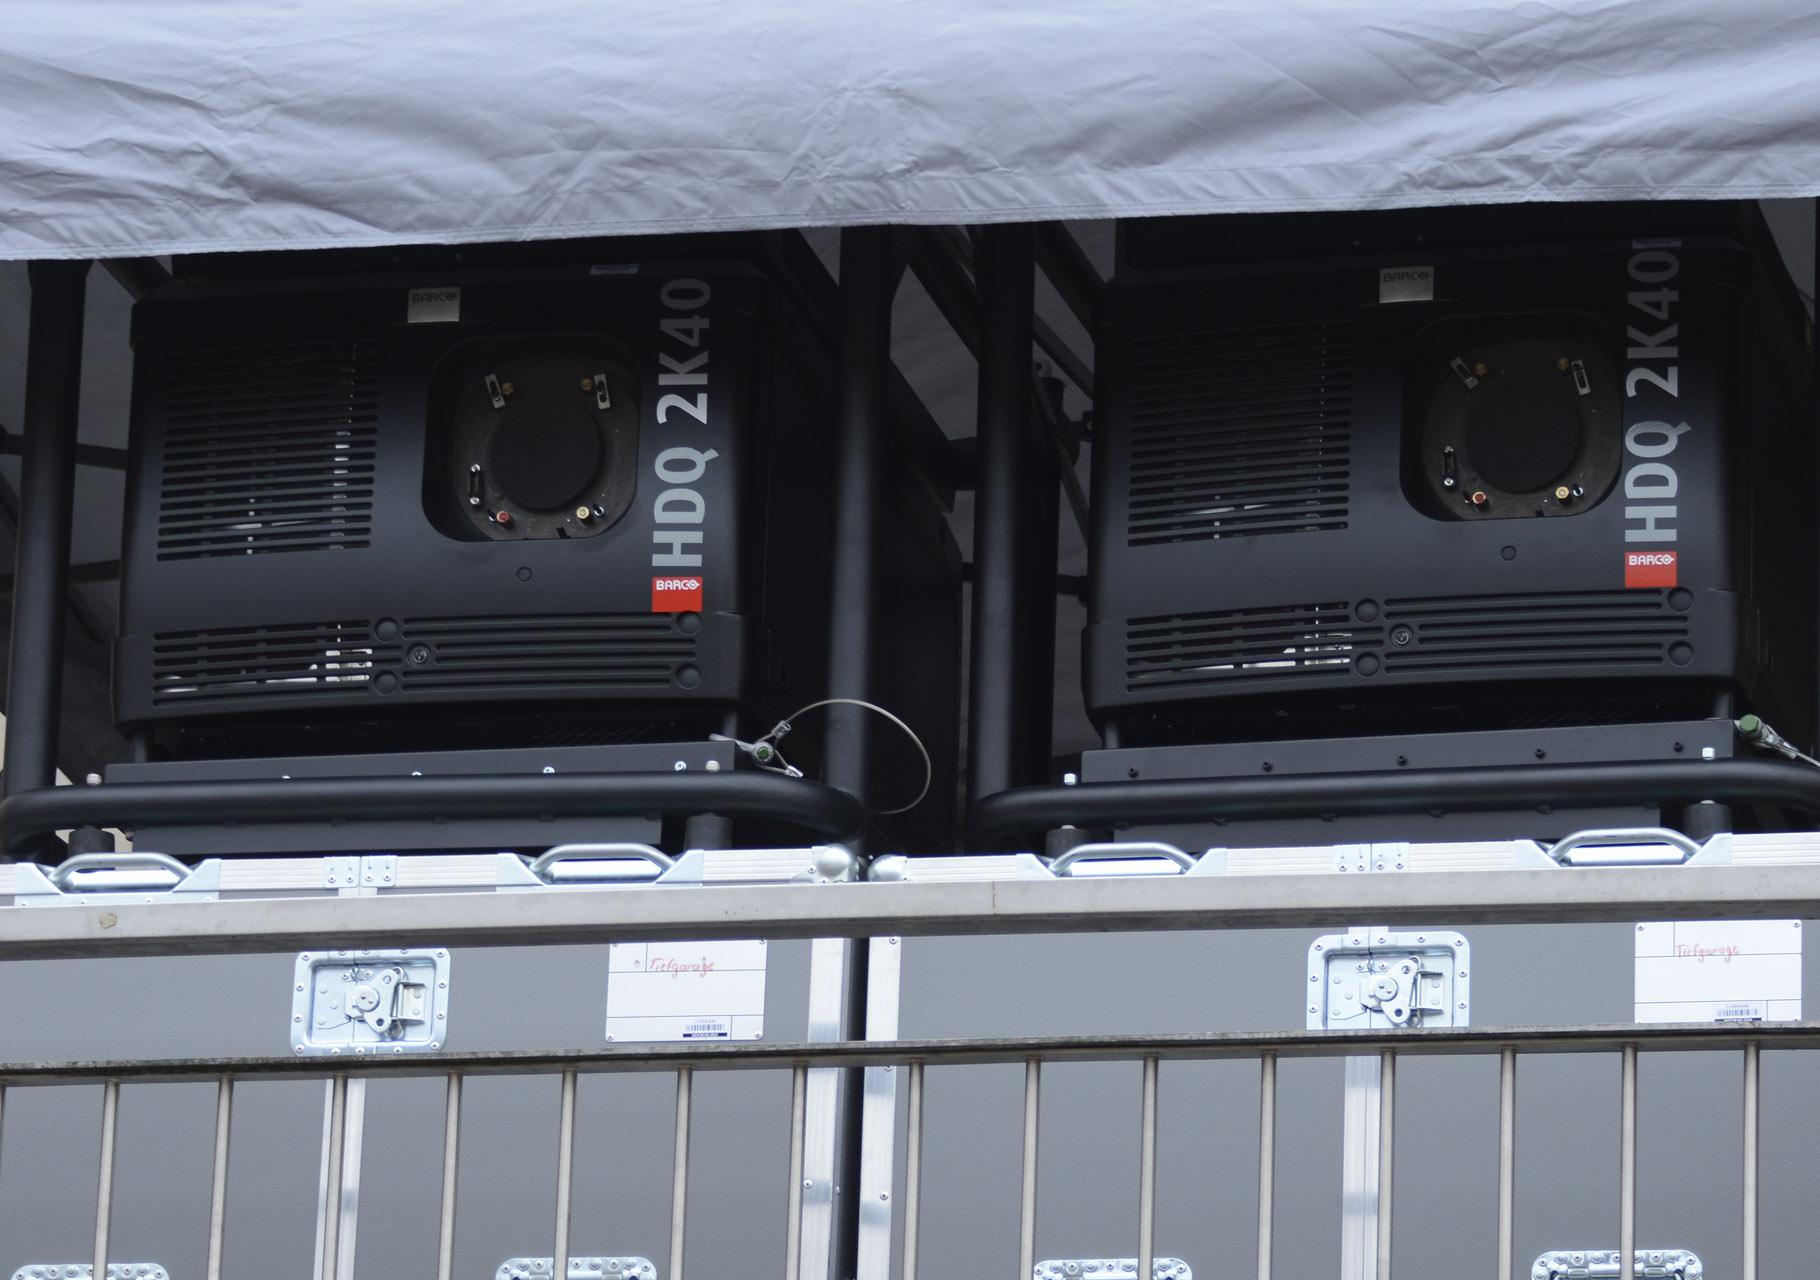 Videoprojektoren von Barko mit 40.000 ANSI-Lumen